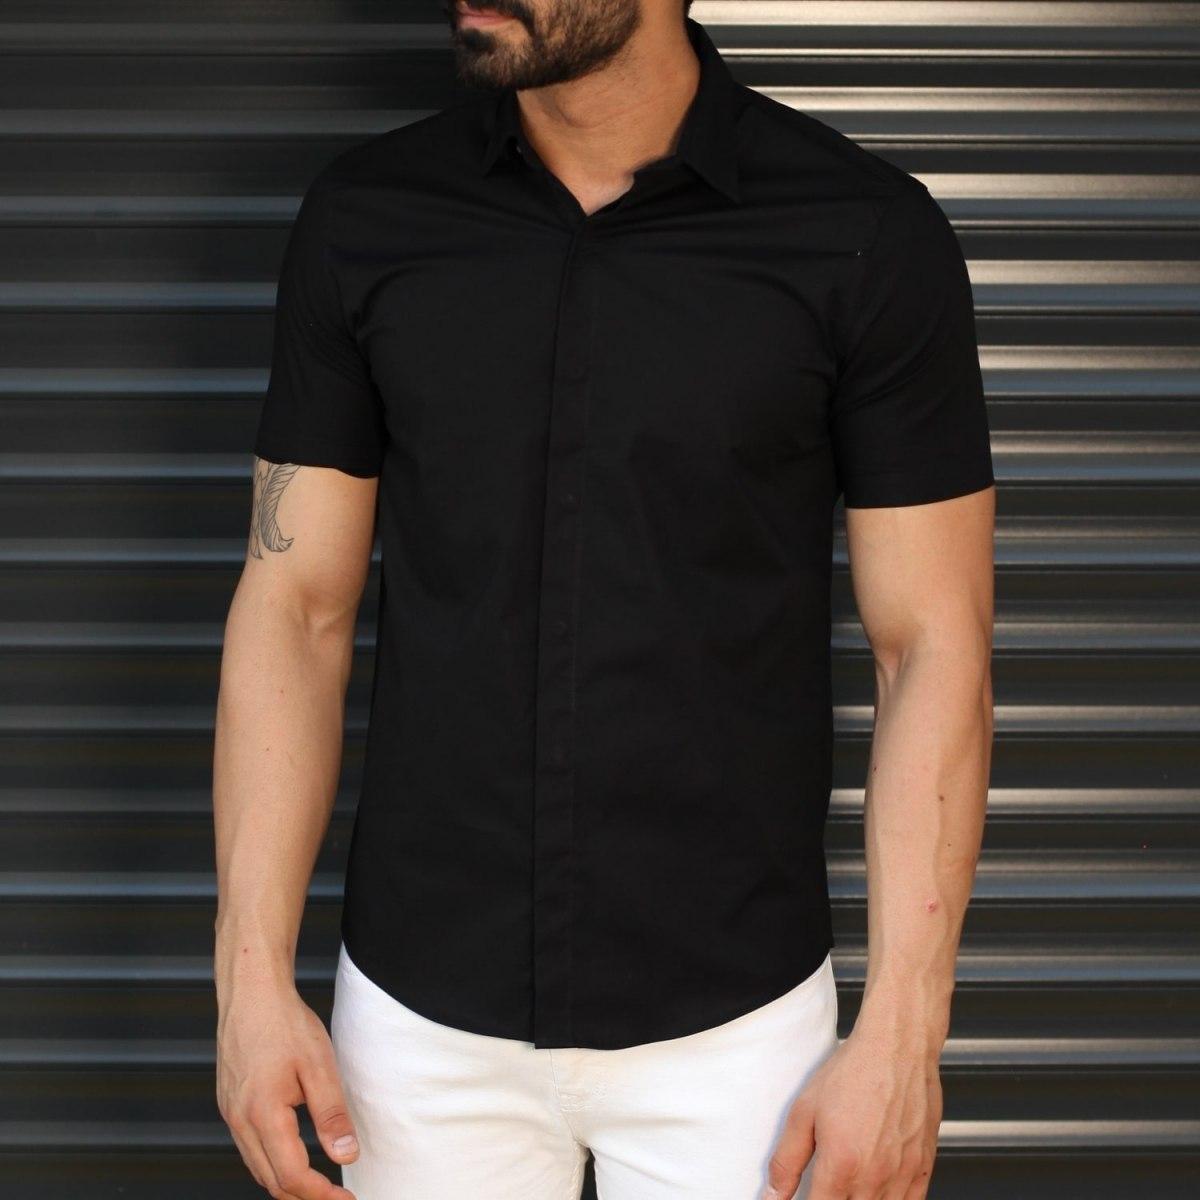 Men's Hidden Button Short Sleeve Muscle Fit Shirt In Black Mv Premium Brand - 1